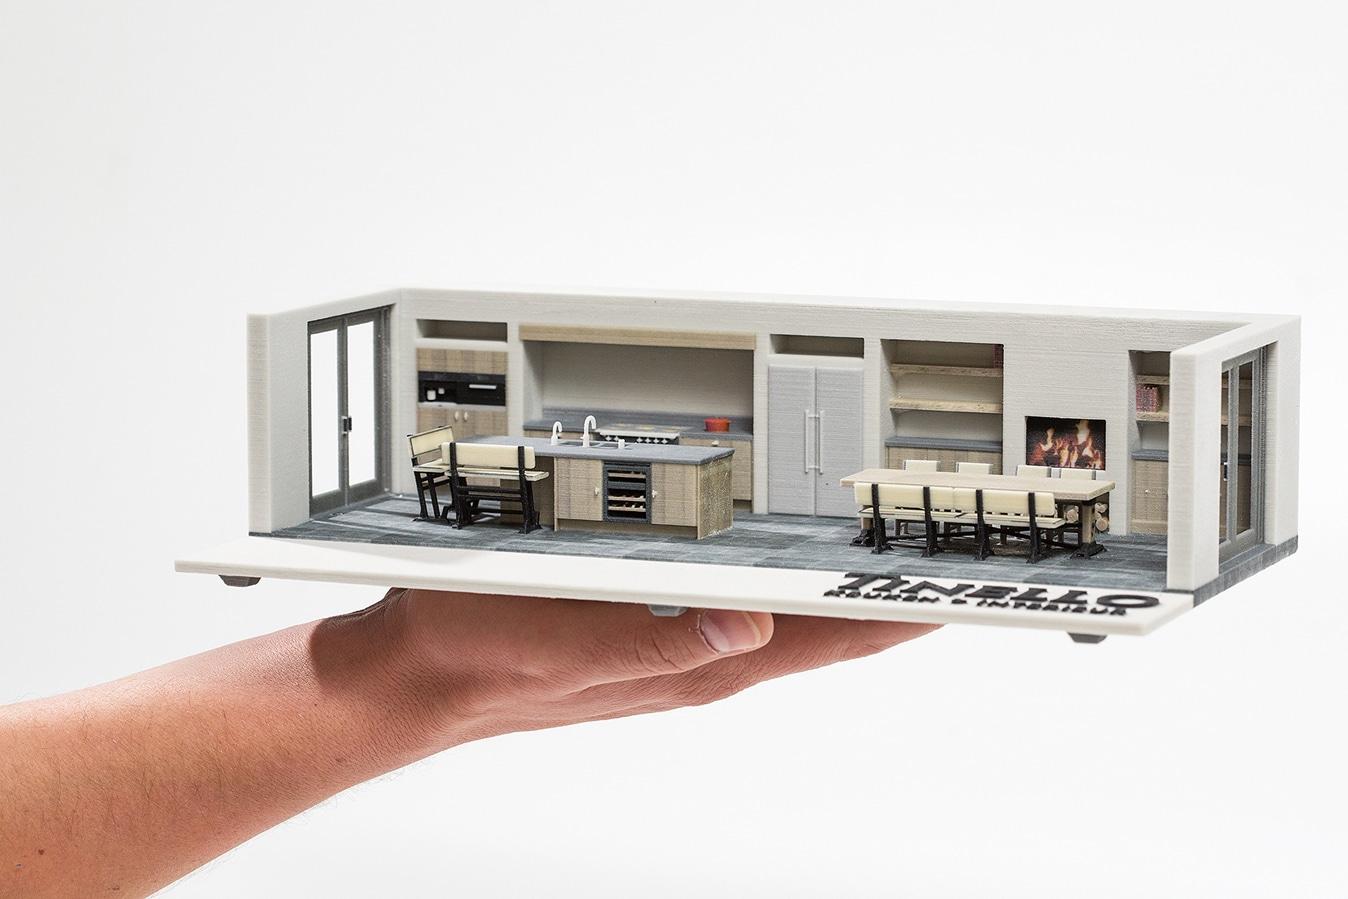 Imprimez votre cuisine en 3d avant de l 39 acheter for Cuisine 3d design bromont